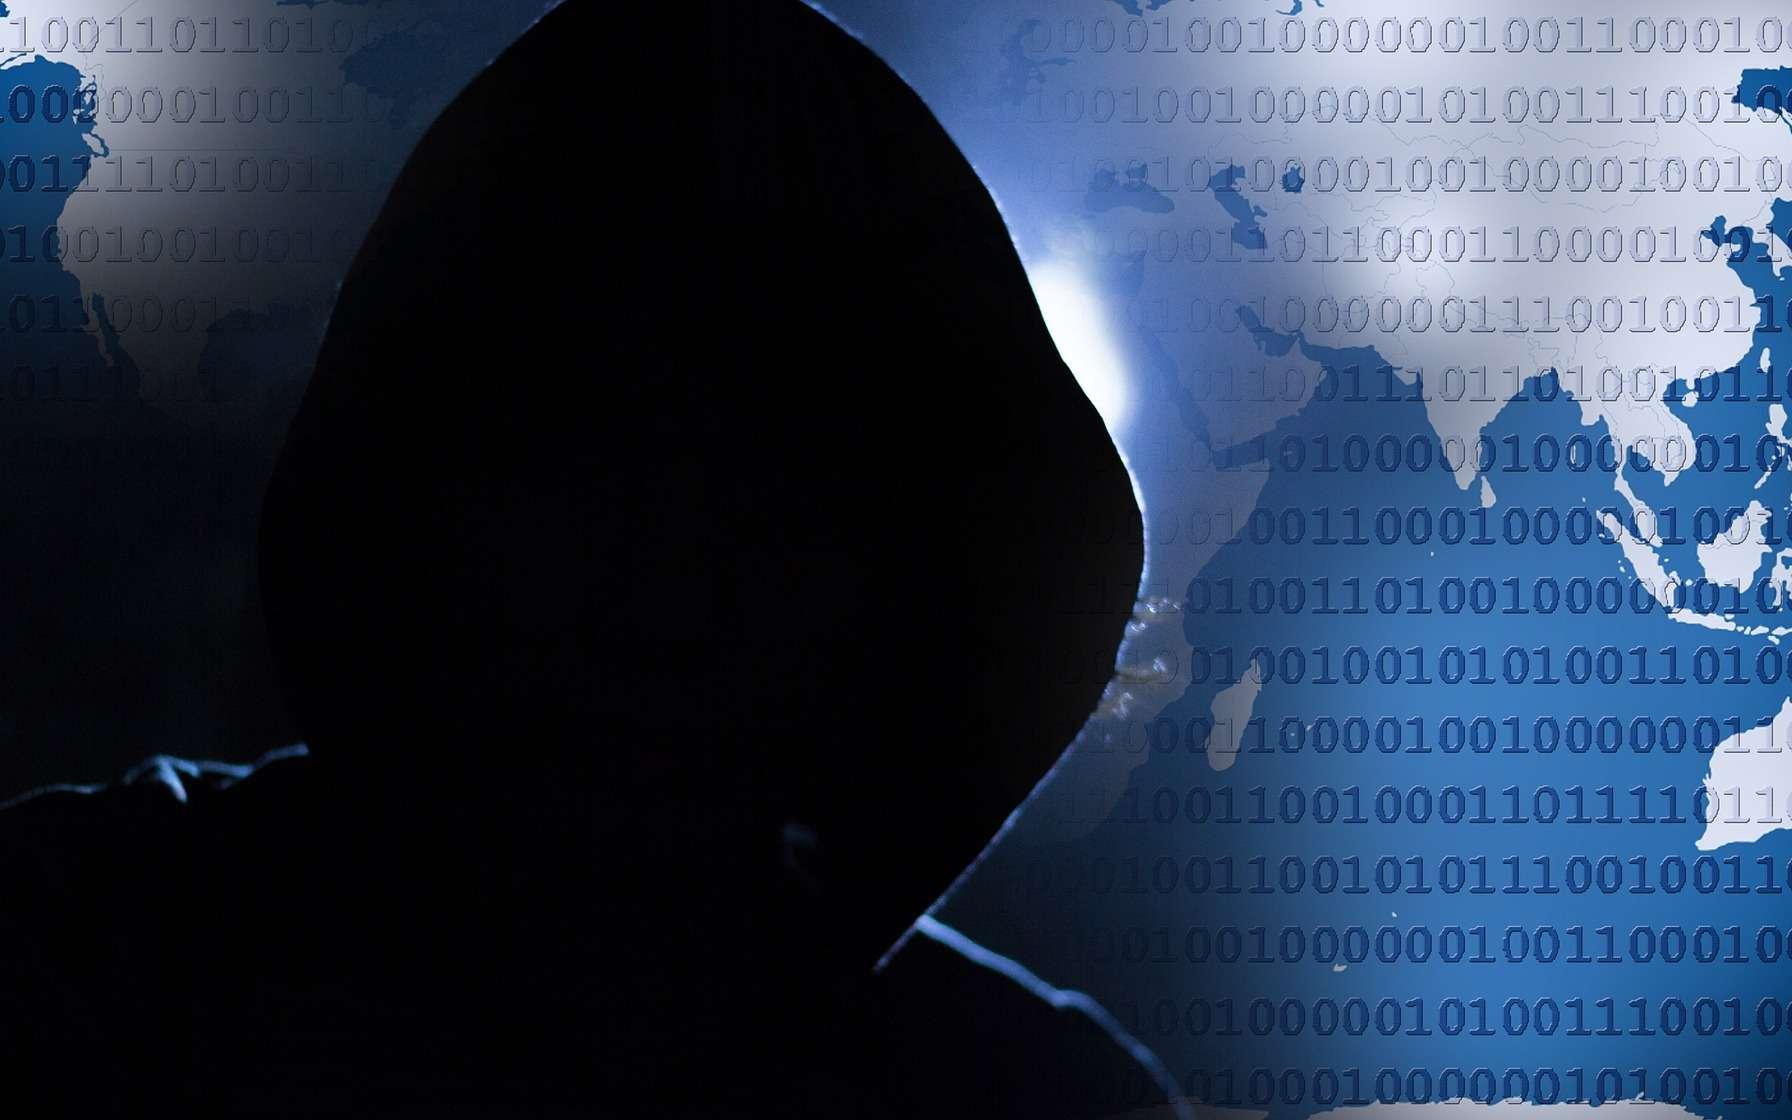 Les gendarmes du Centre de lutte contre les criminalités numériques (C3N) ont désactivé un virus sur les machines infectées, réalisant ainsi une première mondiale. © TheDigitalArtist, PIxabay